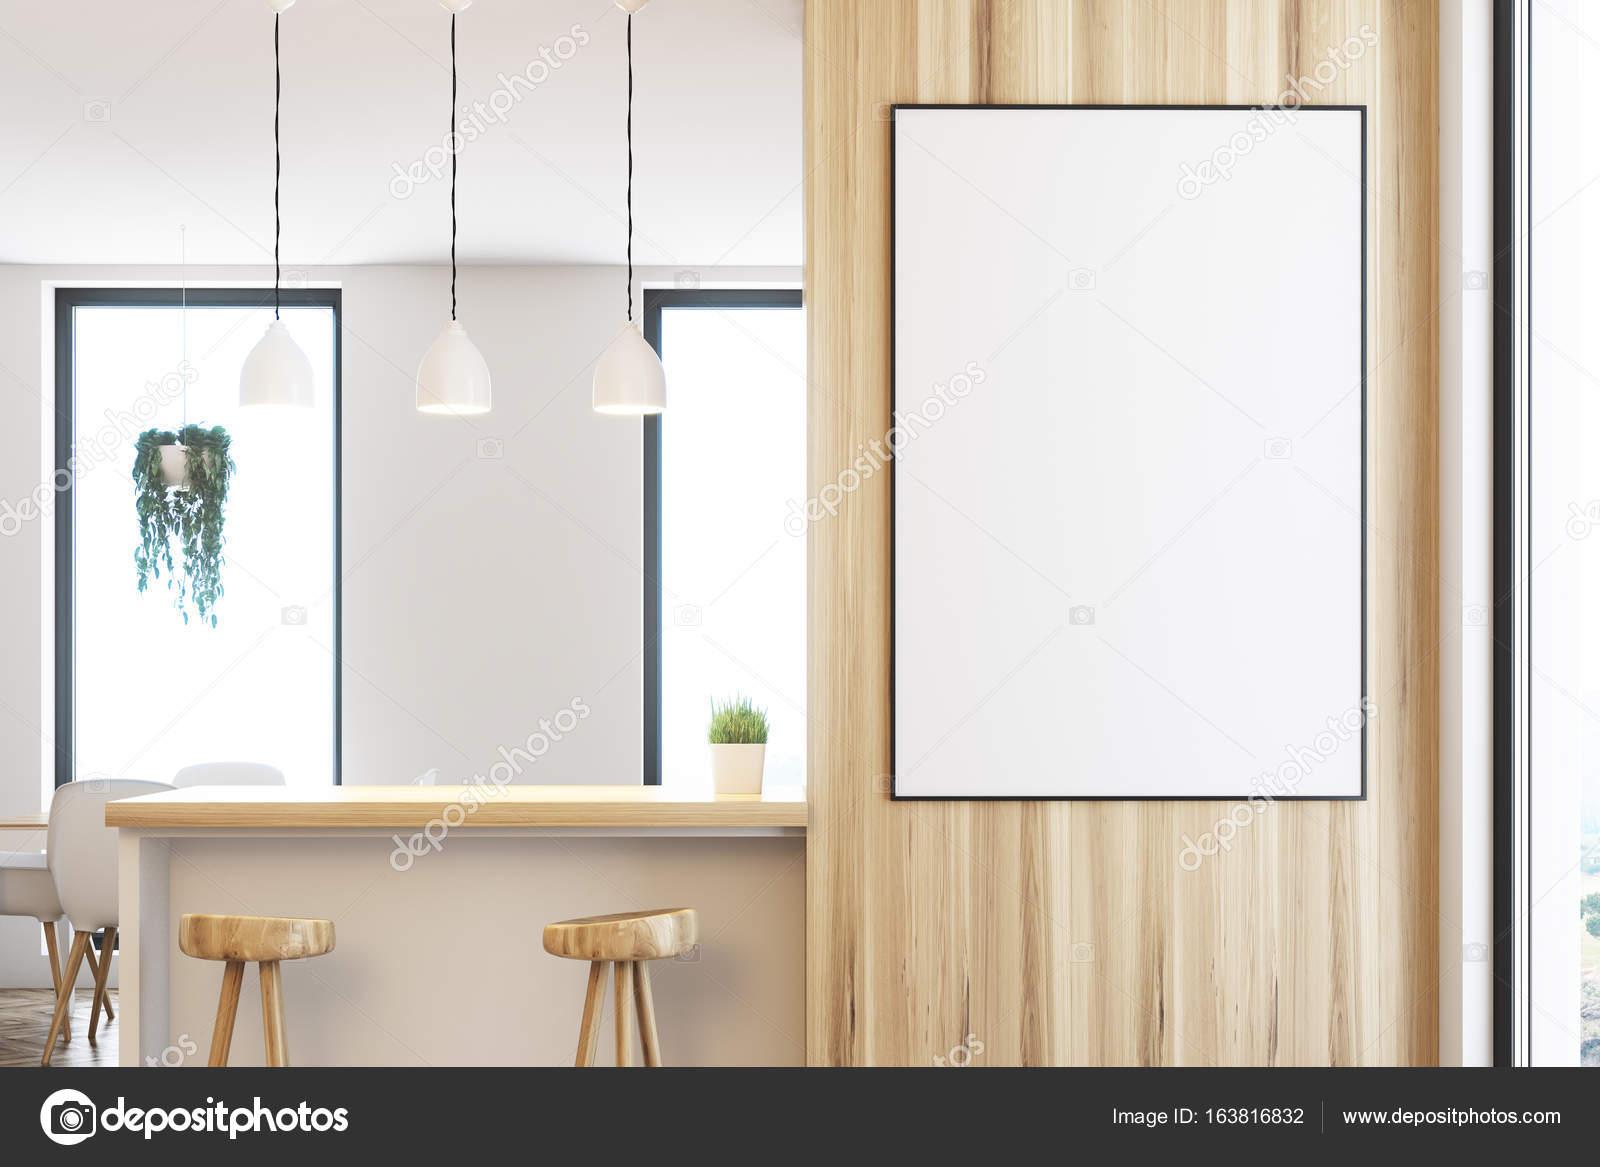 Weiß und Holz Küchenbar, poster — Stockfoto © denisismagilov #163816832